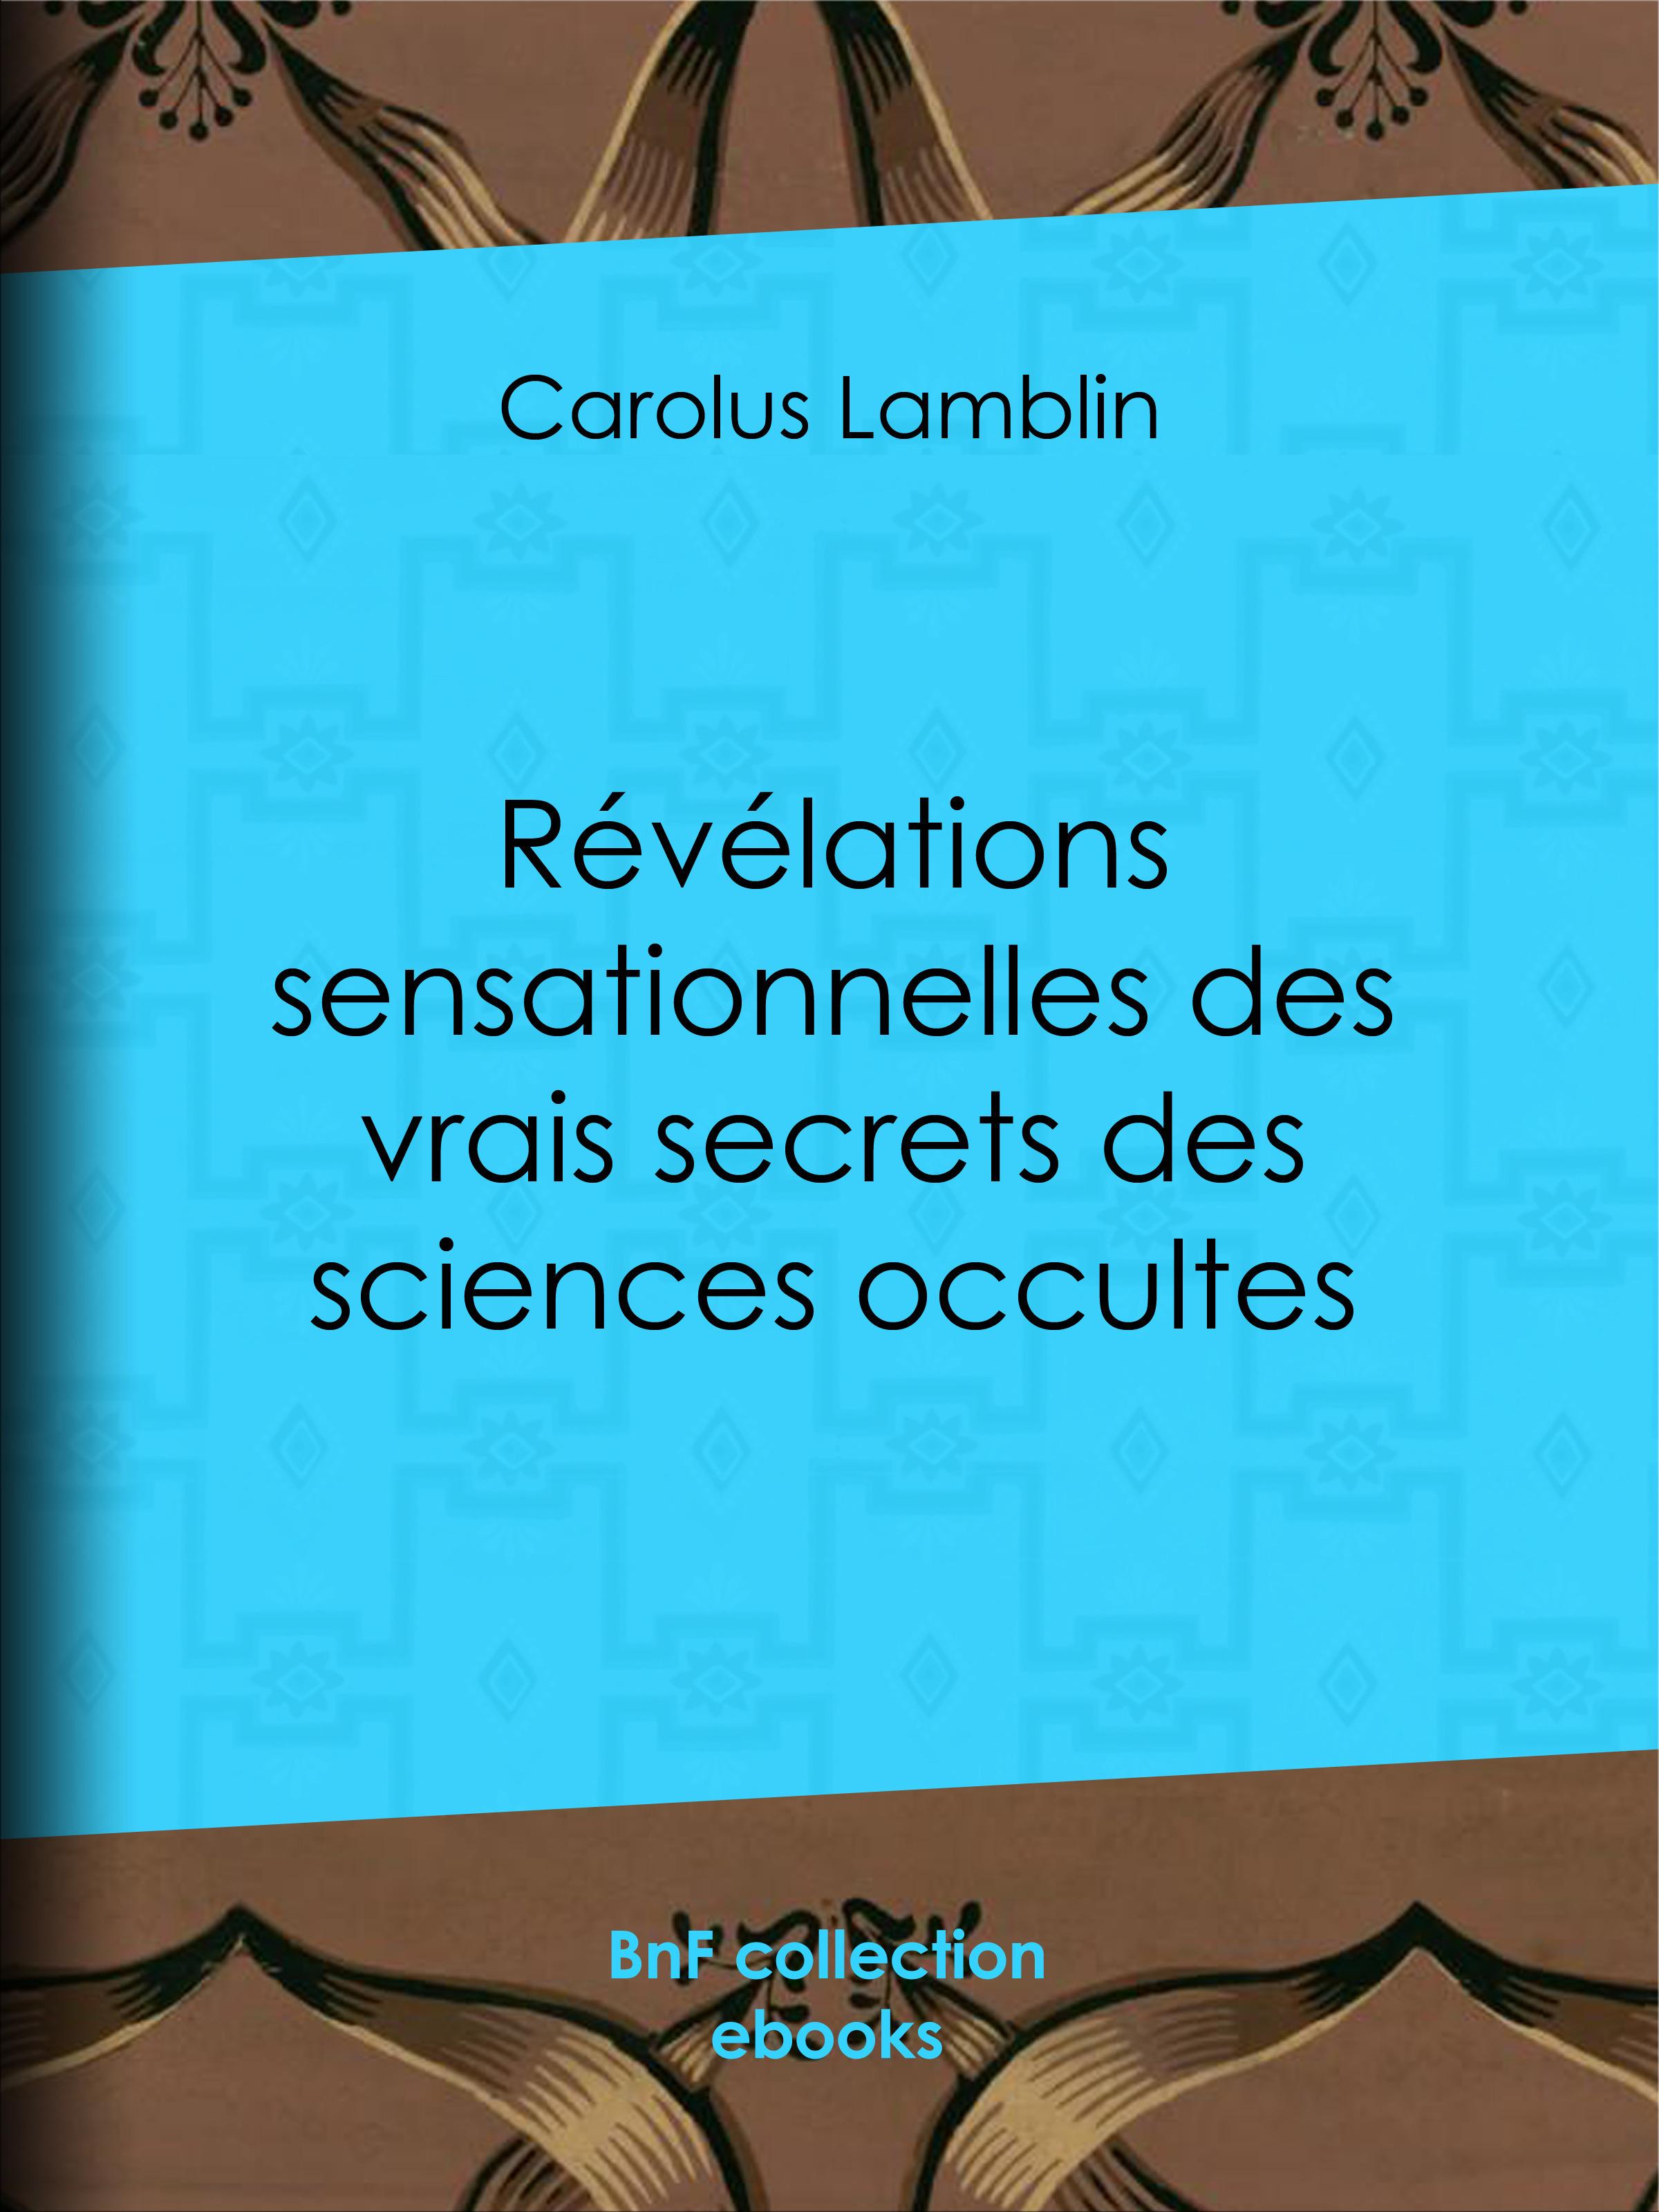 Révélations sensationnelles des vrais secrets des sciences occultes